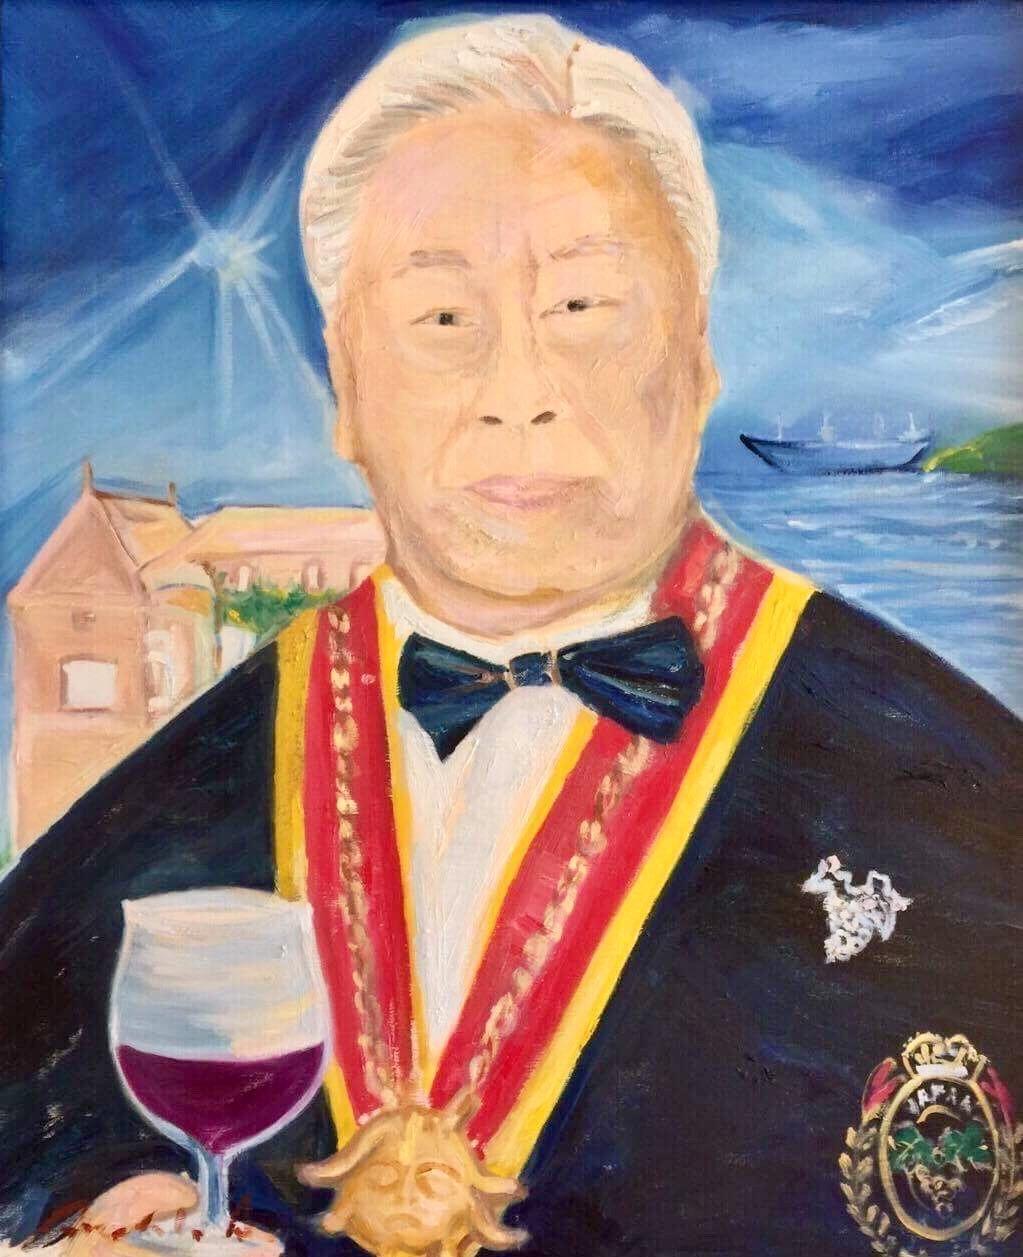 元日本ソムリエ協会名誉会長 熱田貴様に肖像画を納品させて頂きました。